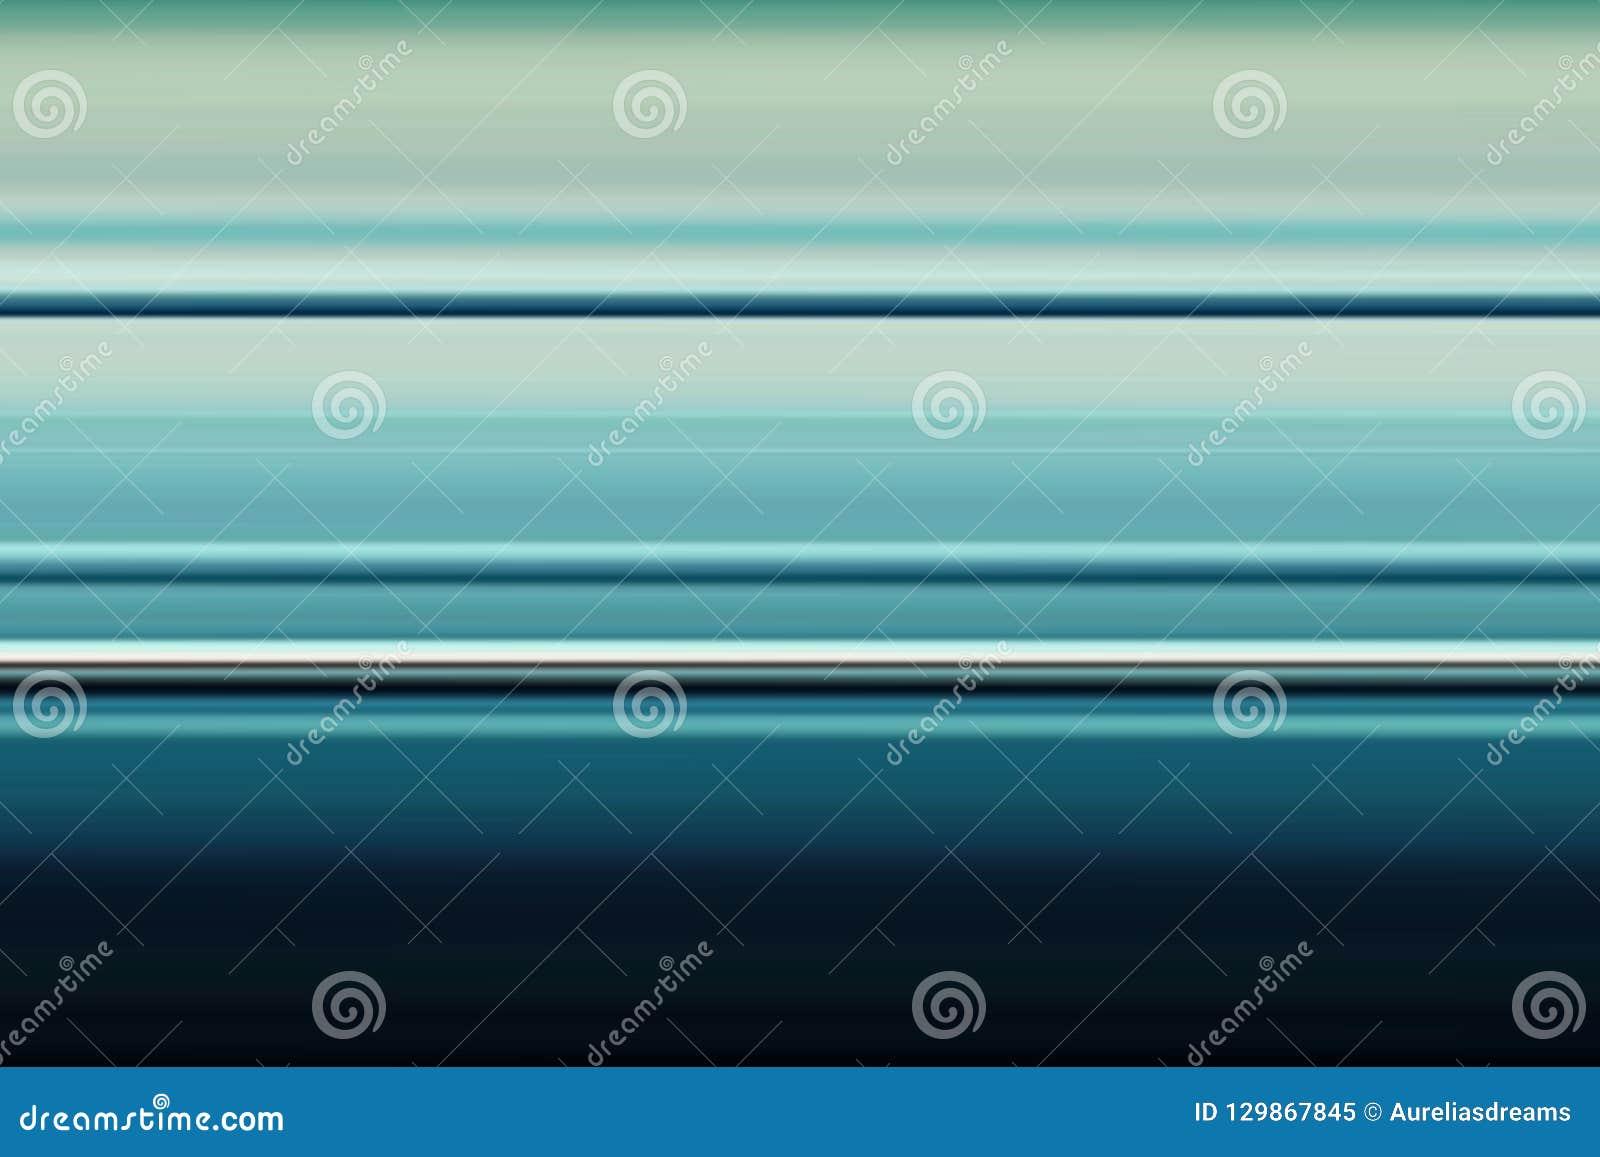 Olorful abstrakta ljusa horisontallinjer bakgrund, textur för Ð-¡ i blåa signaler